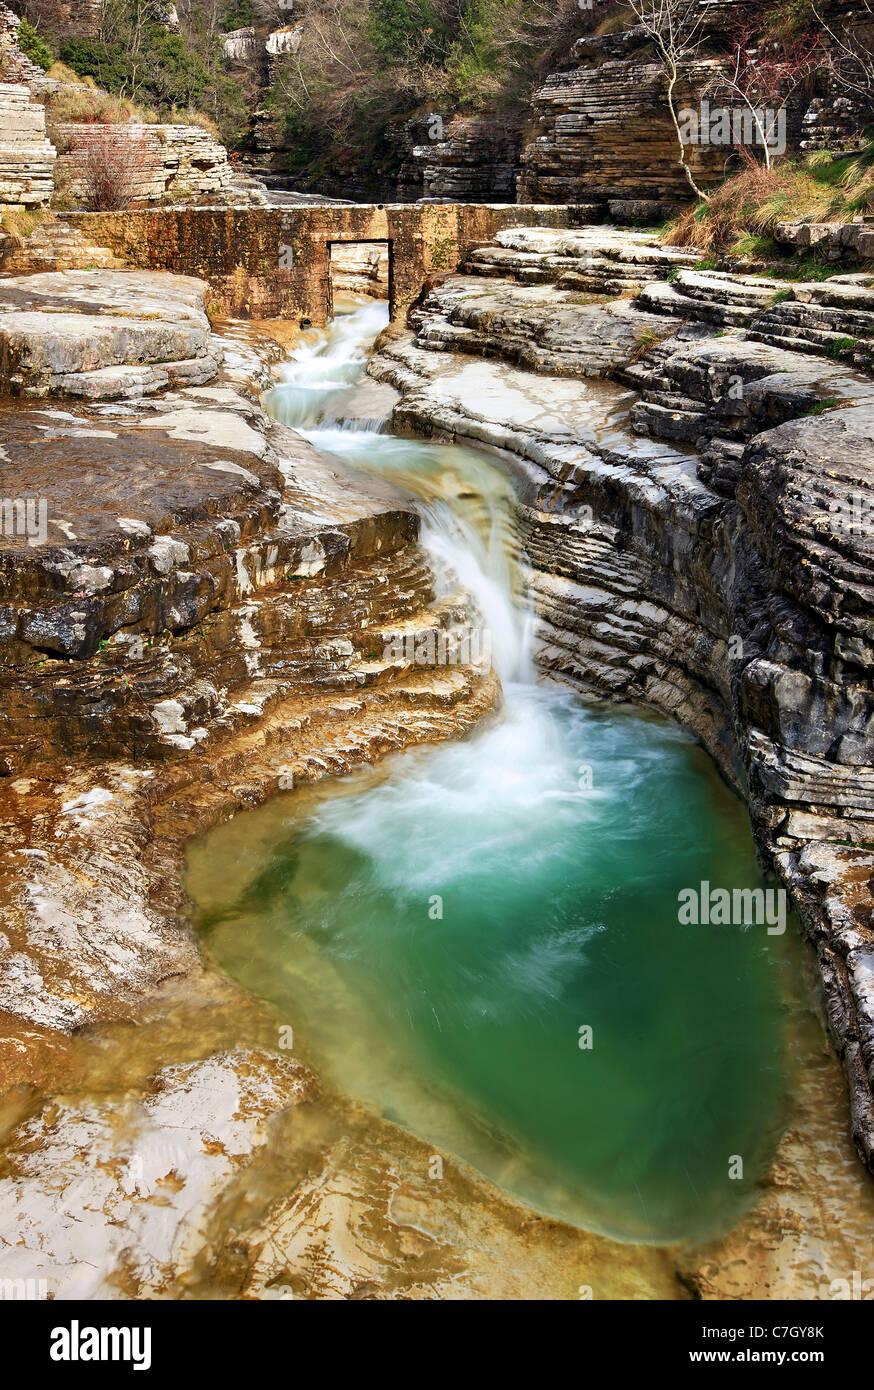 Une piscine naturelle, appelée 'Kolymbithres' ou 'Ovidres' par les habitants, à proximité Photo Stock